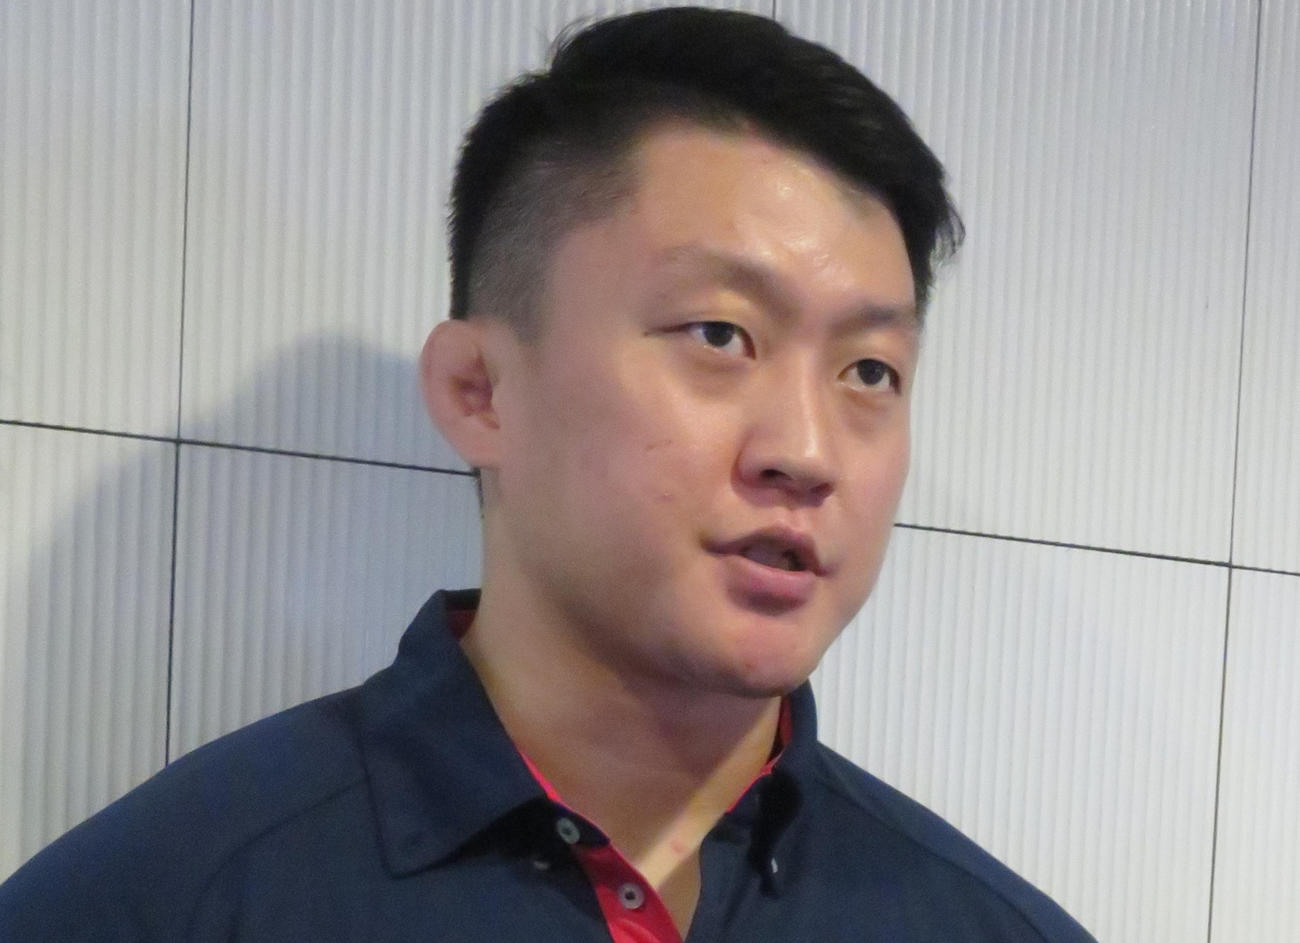 原沢久喜(2019年7月3日撮影)